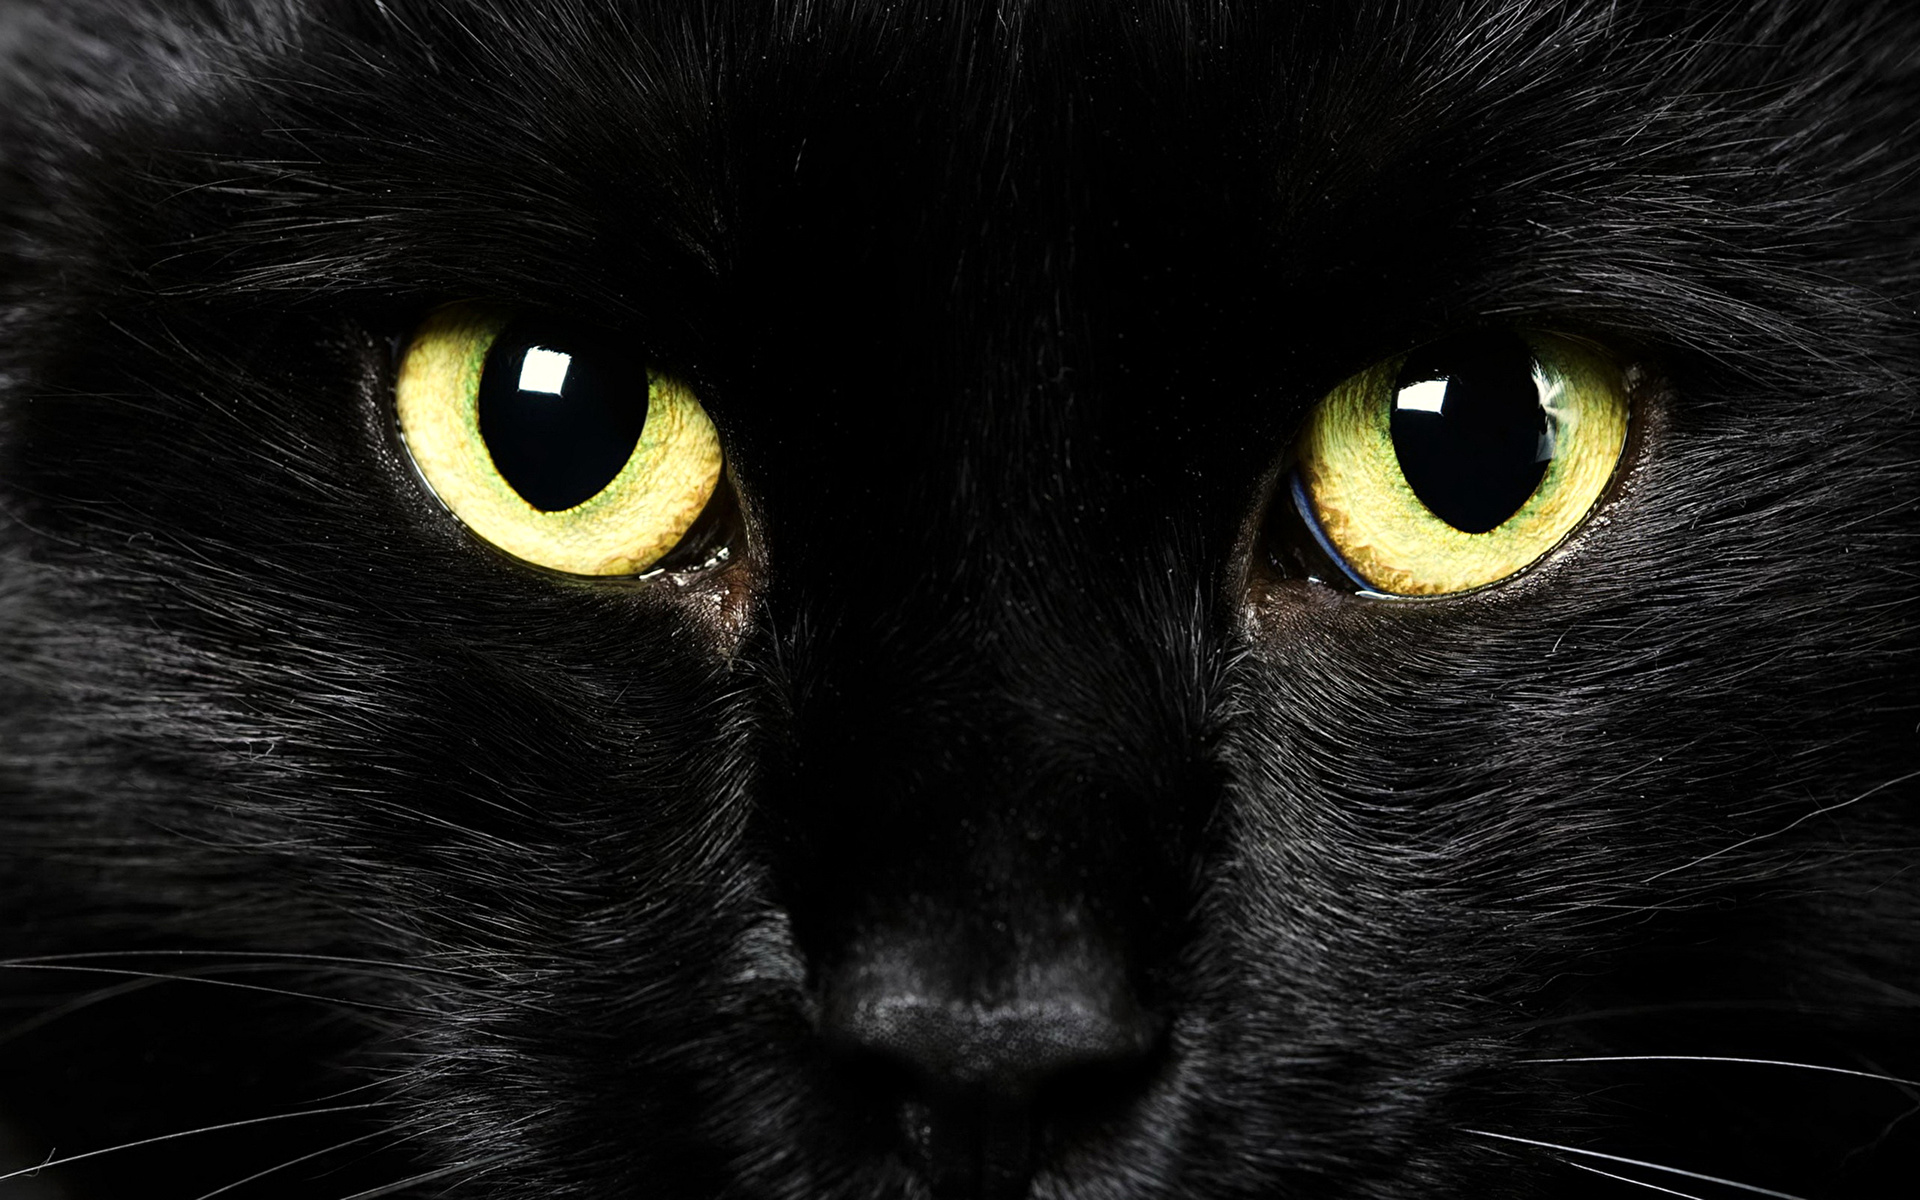 кот с бирюзовыми глазами бесплатно